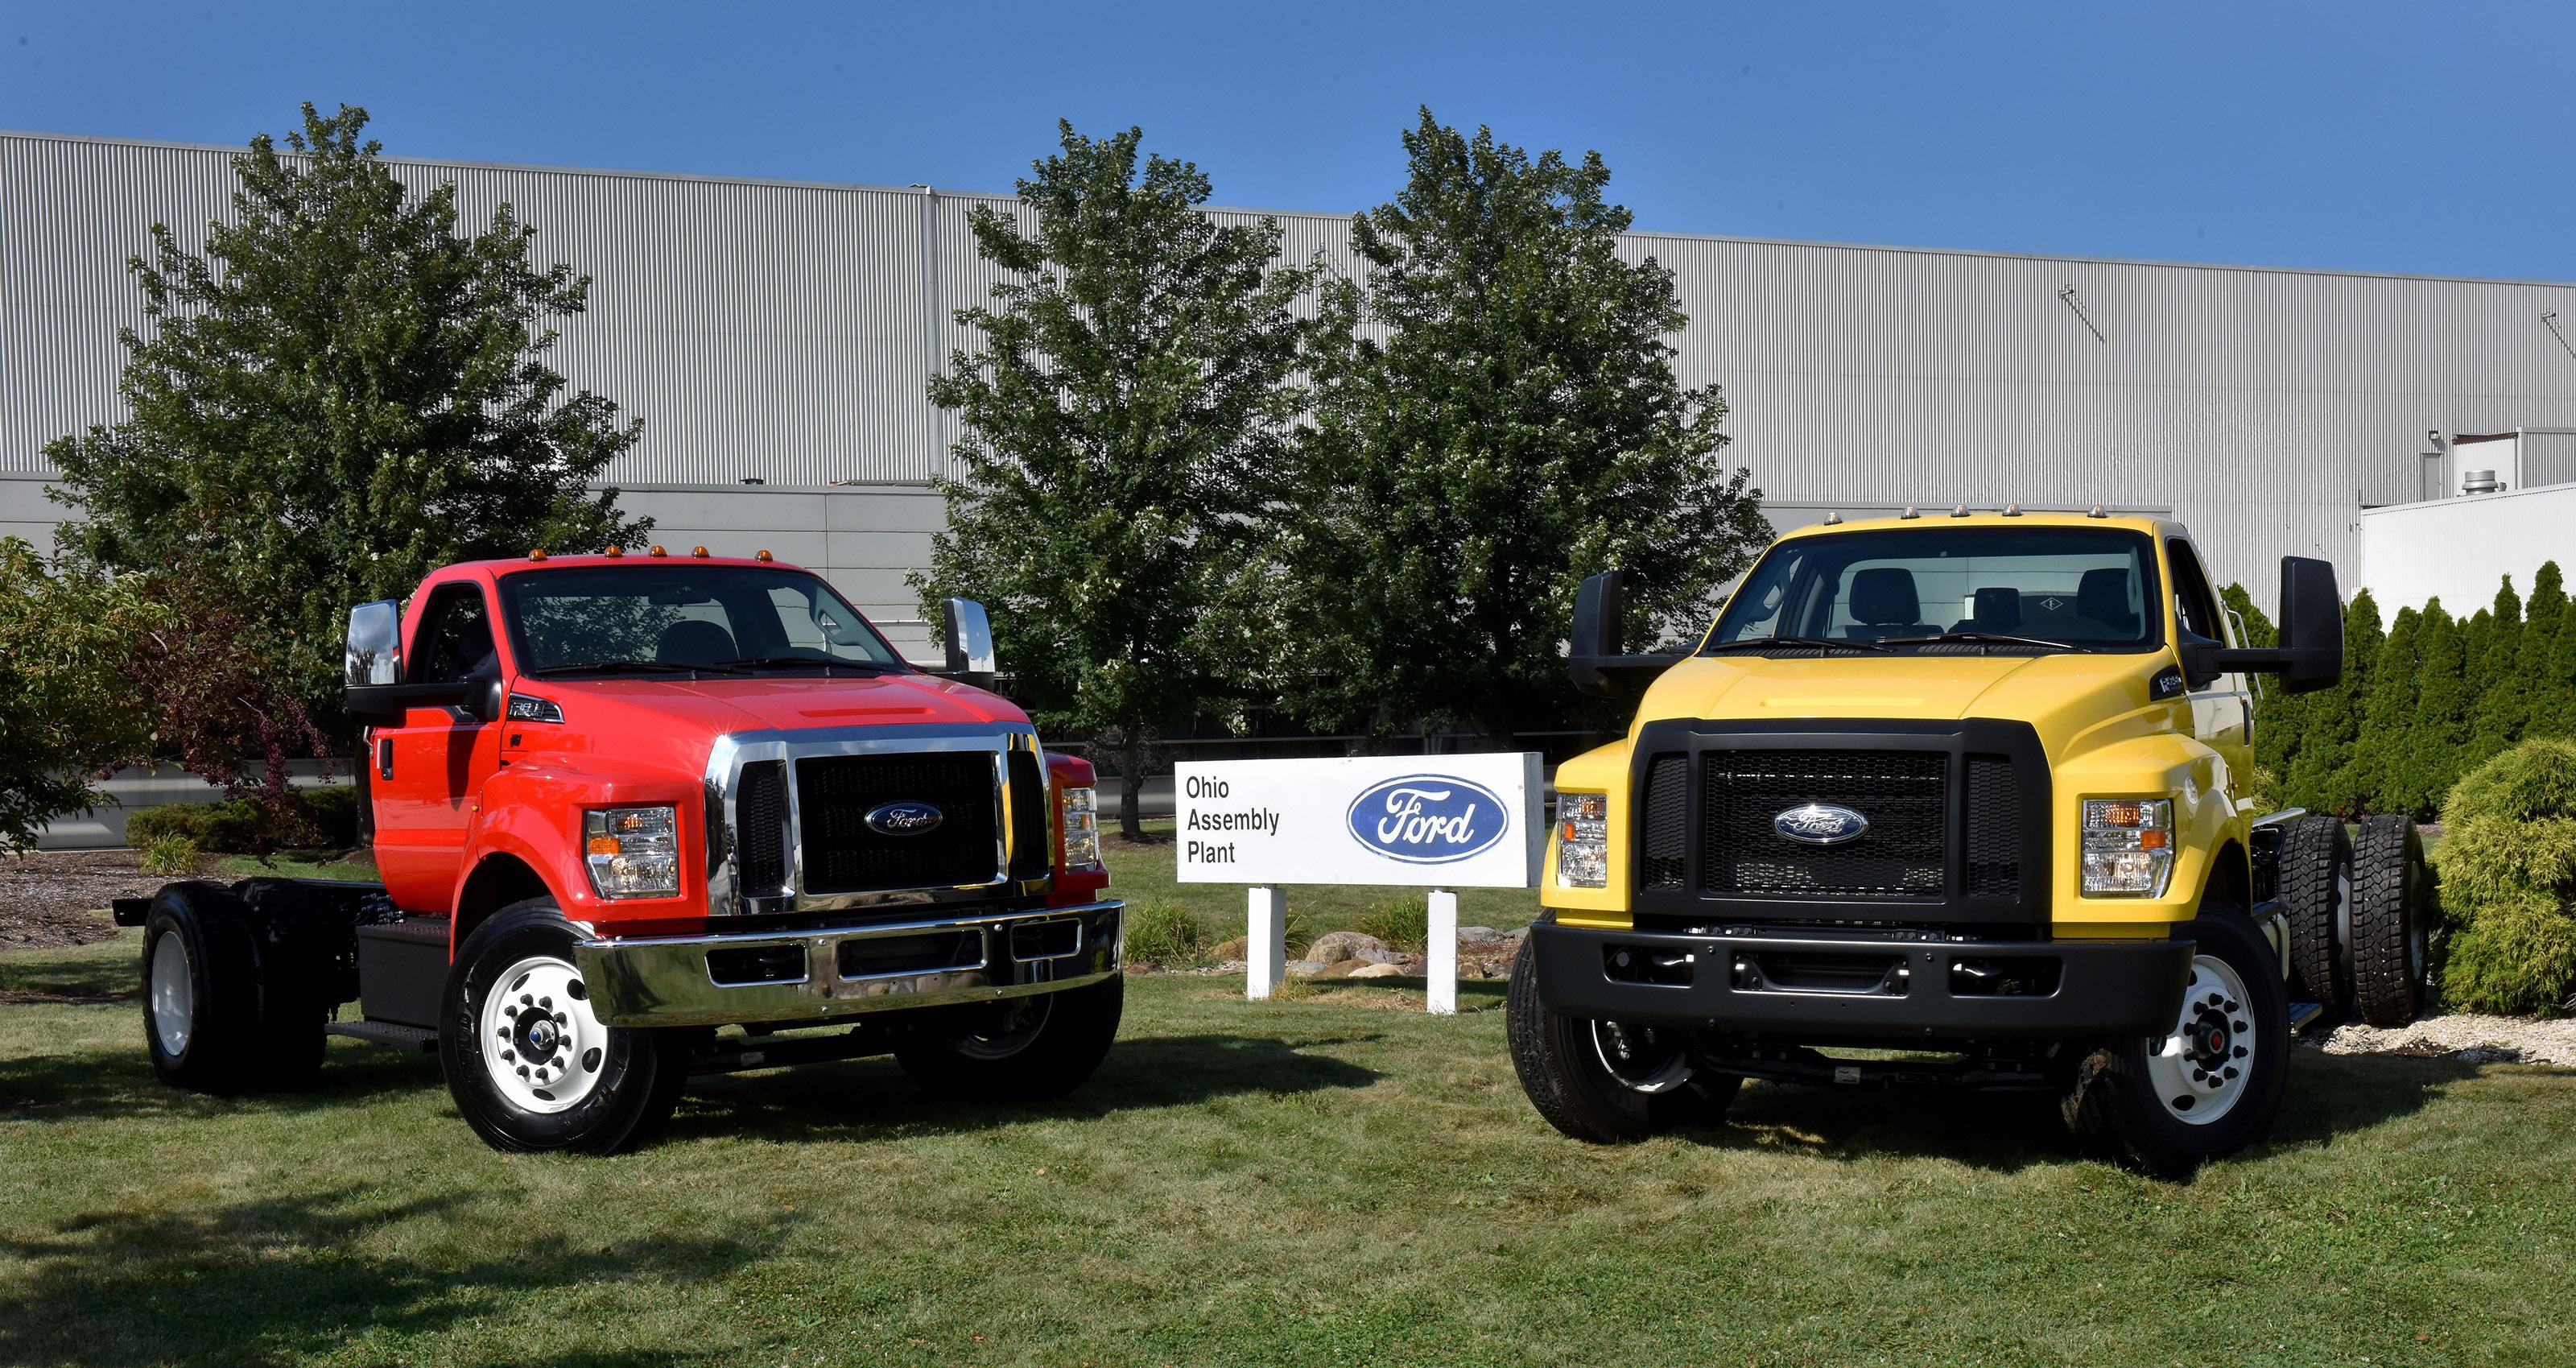 Ford Motor Company Kristina Adamski 313.588.0849 kadamsk1@ford.com or. Mike Levine 313.806.1741 mlevine5@ford.com